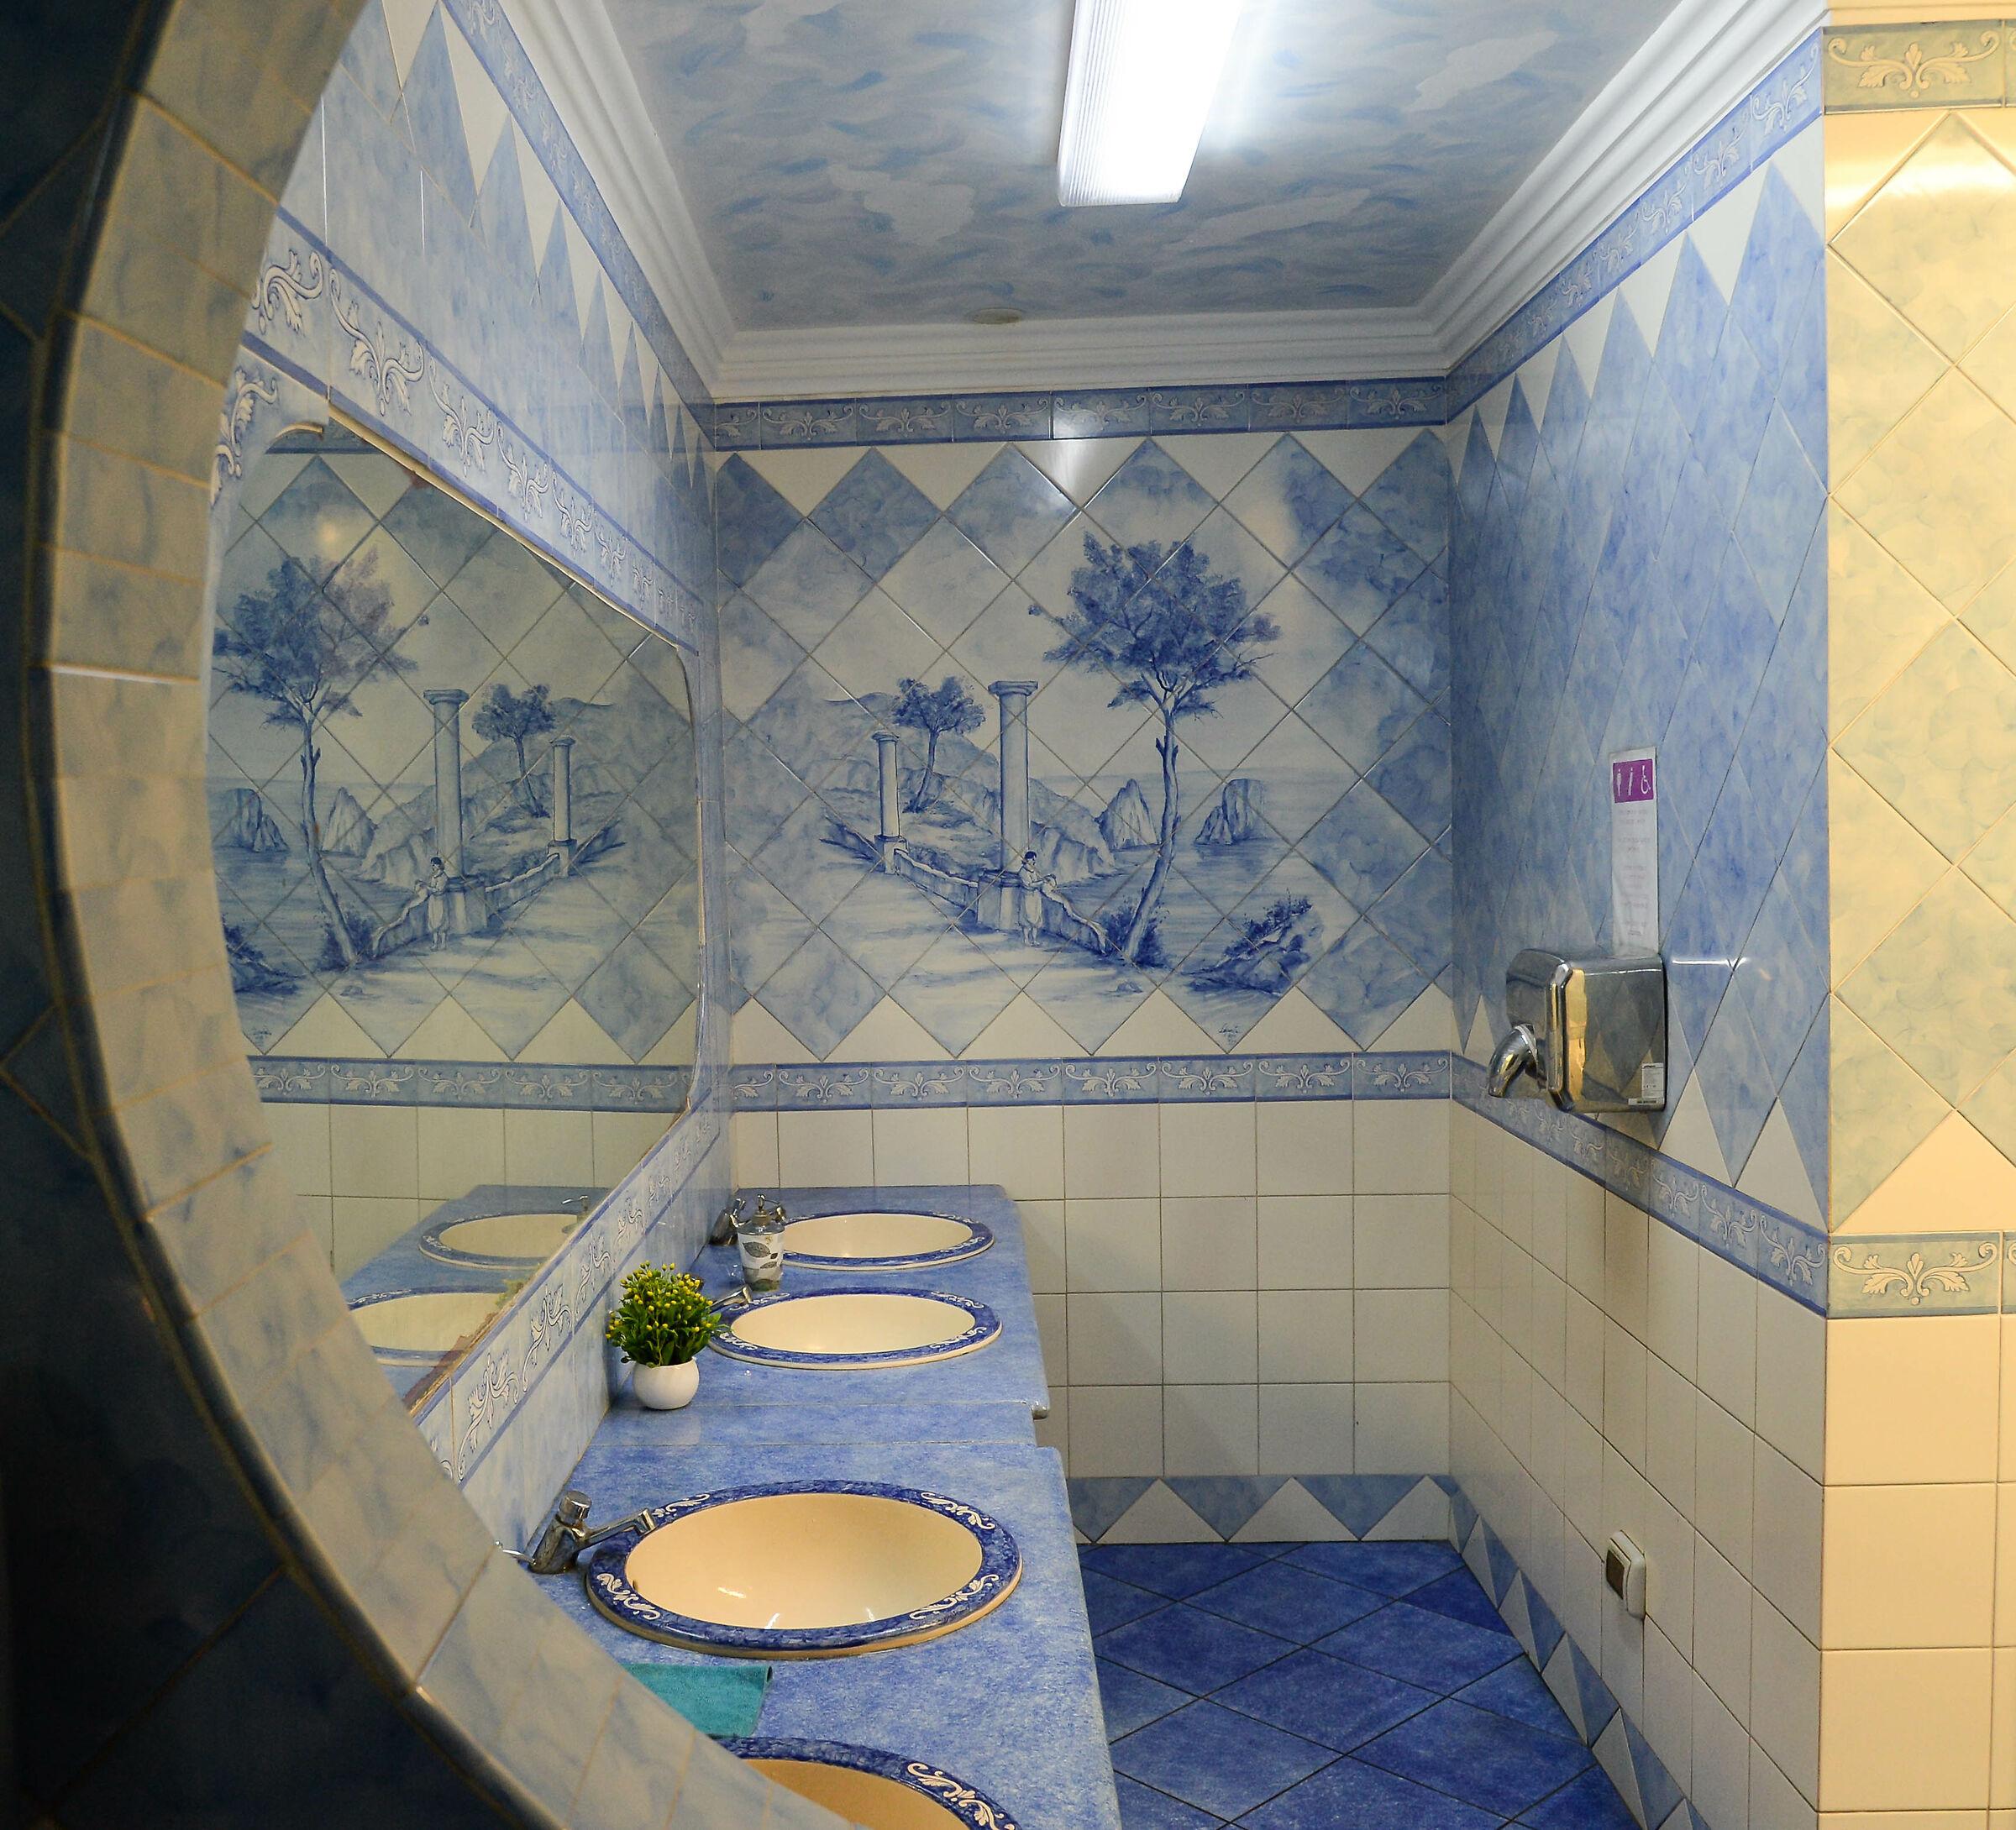 Capri, a public toilet...